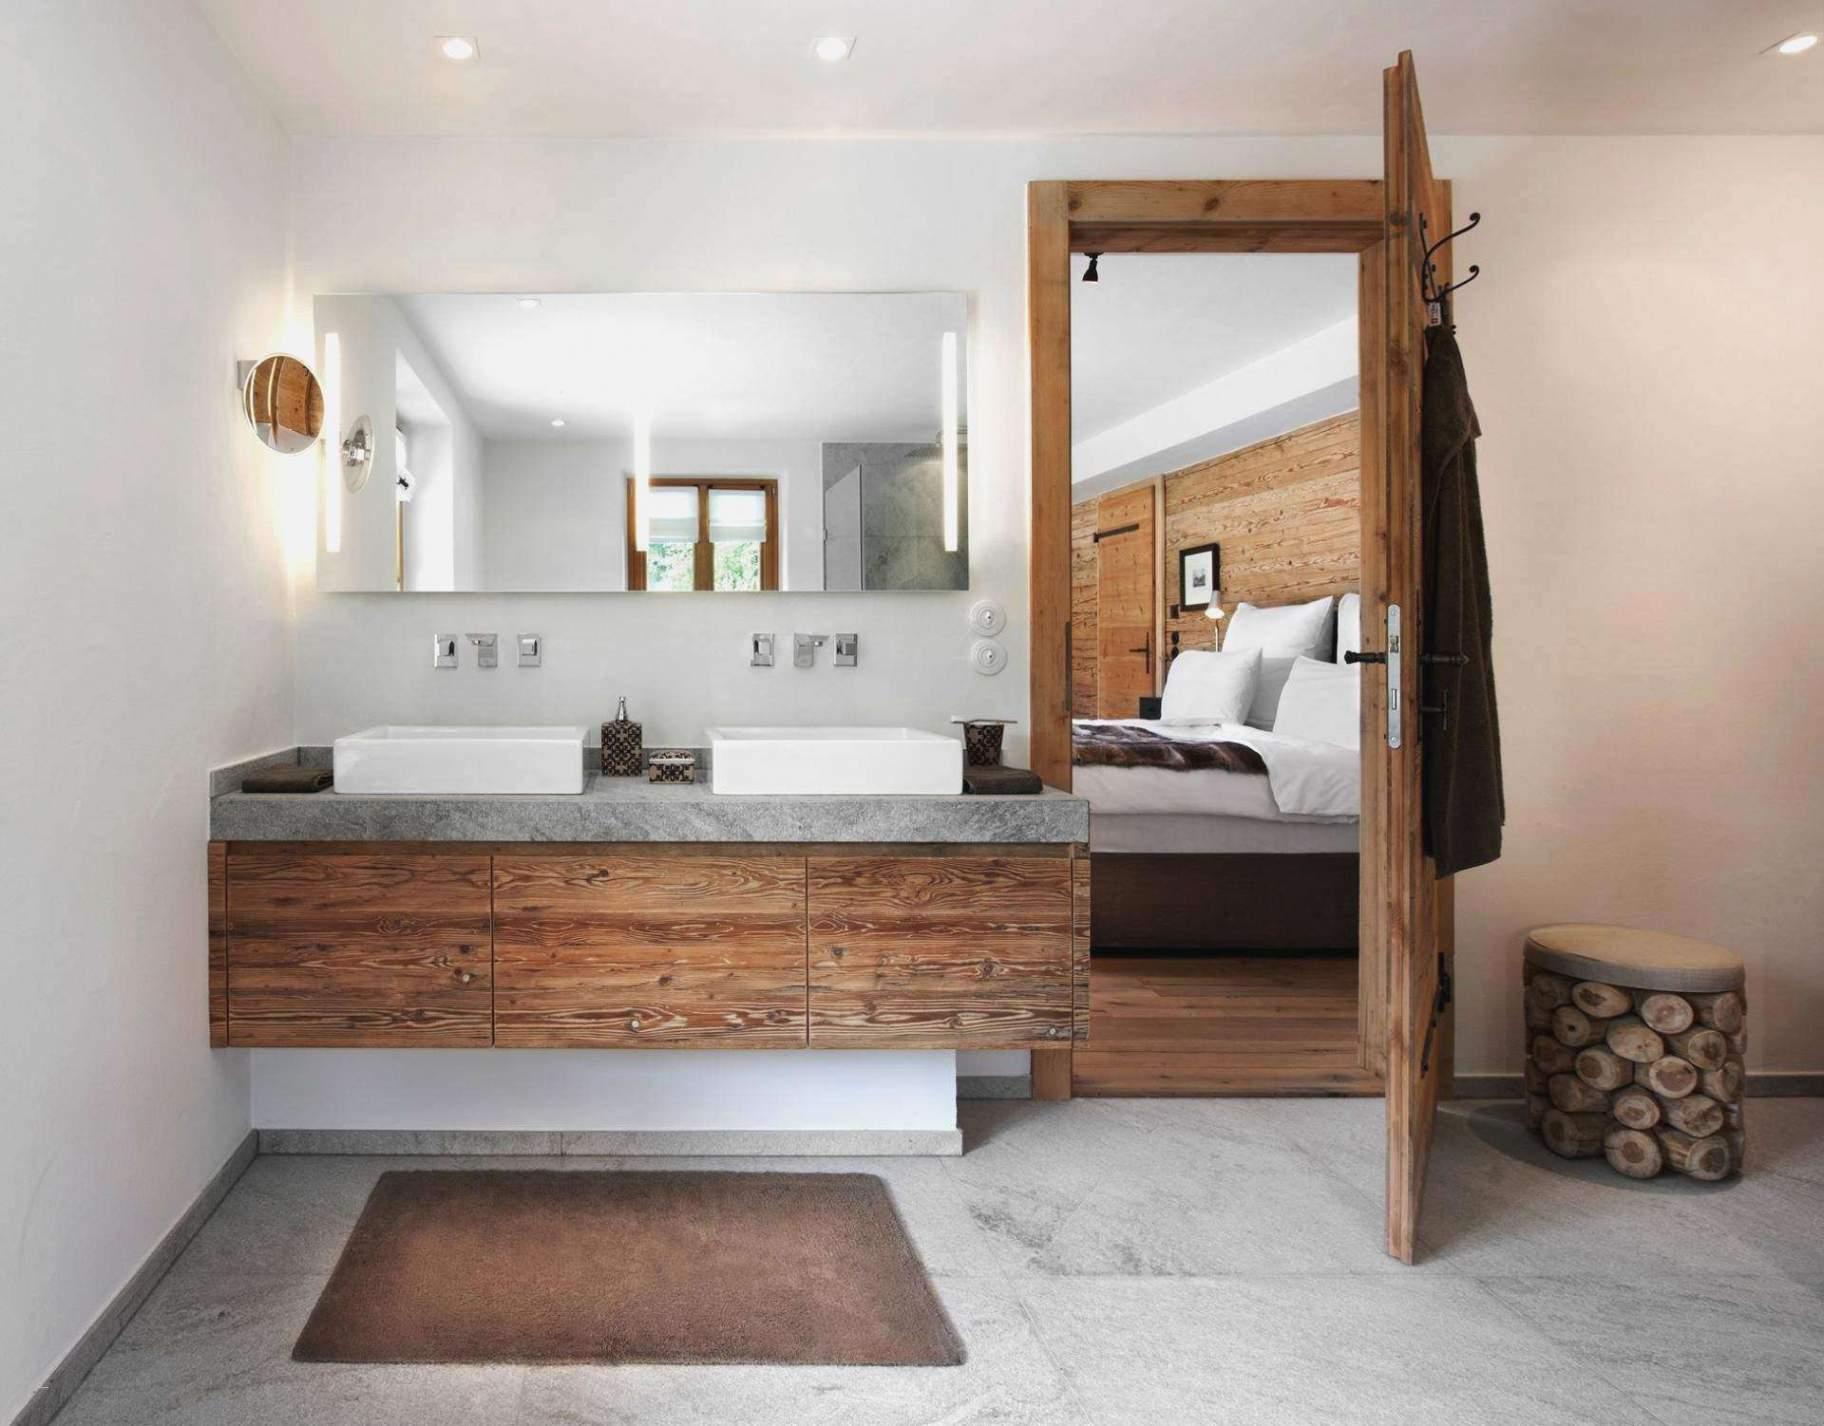 45 herrliche lampen furs bad sauna fur zuhause sauna fur zuhause